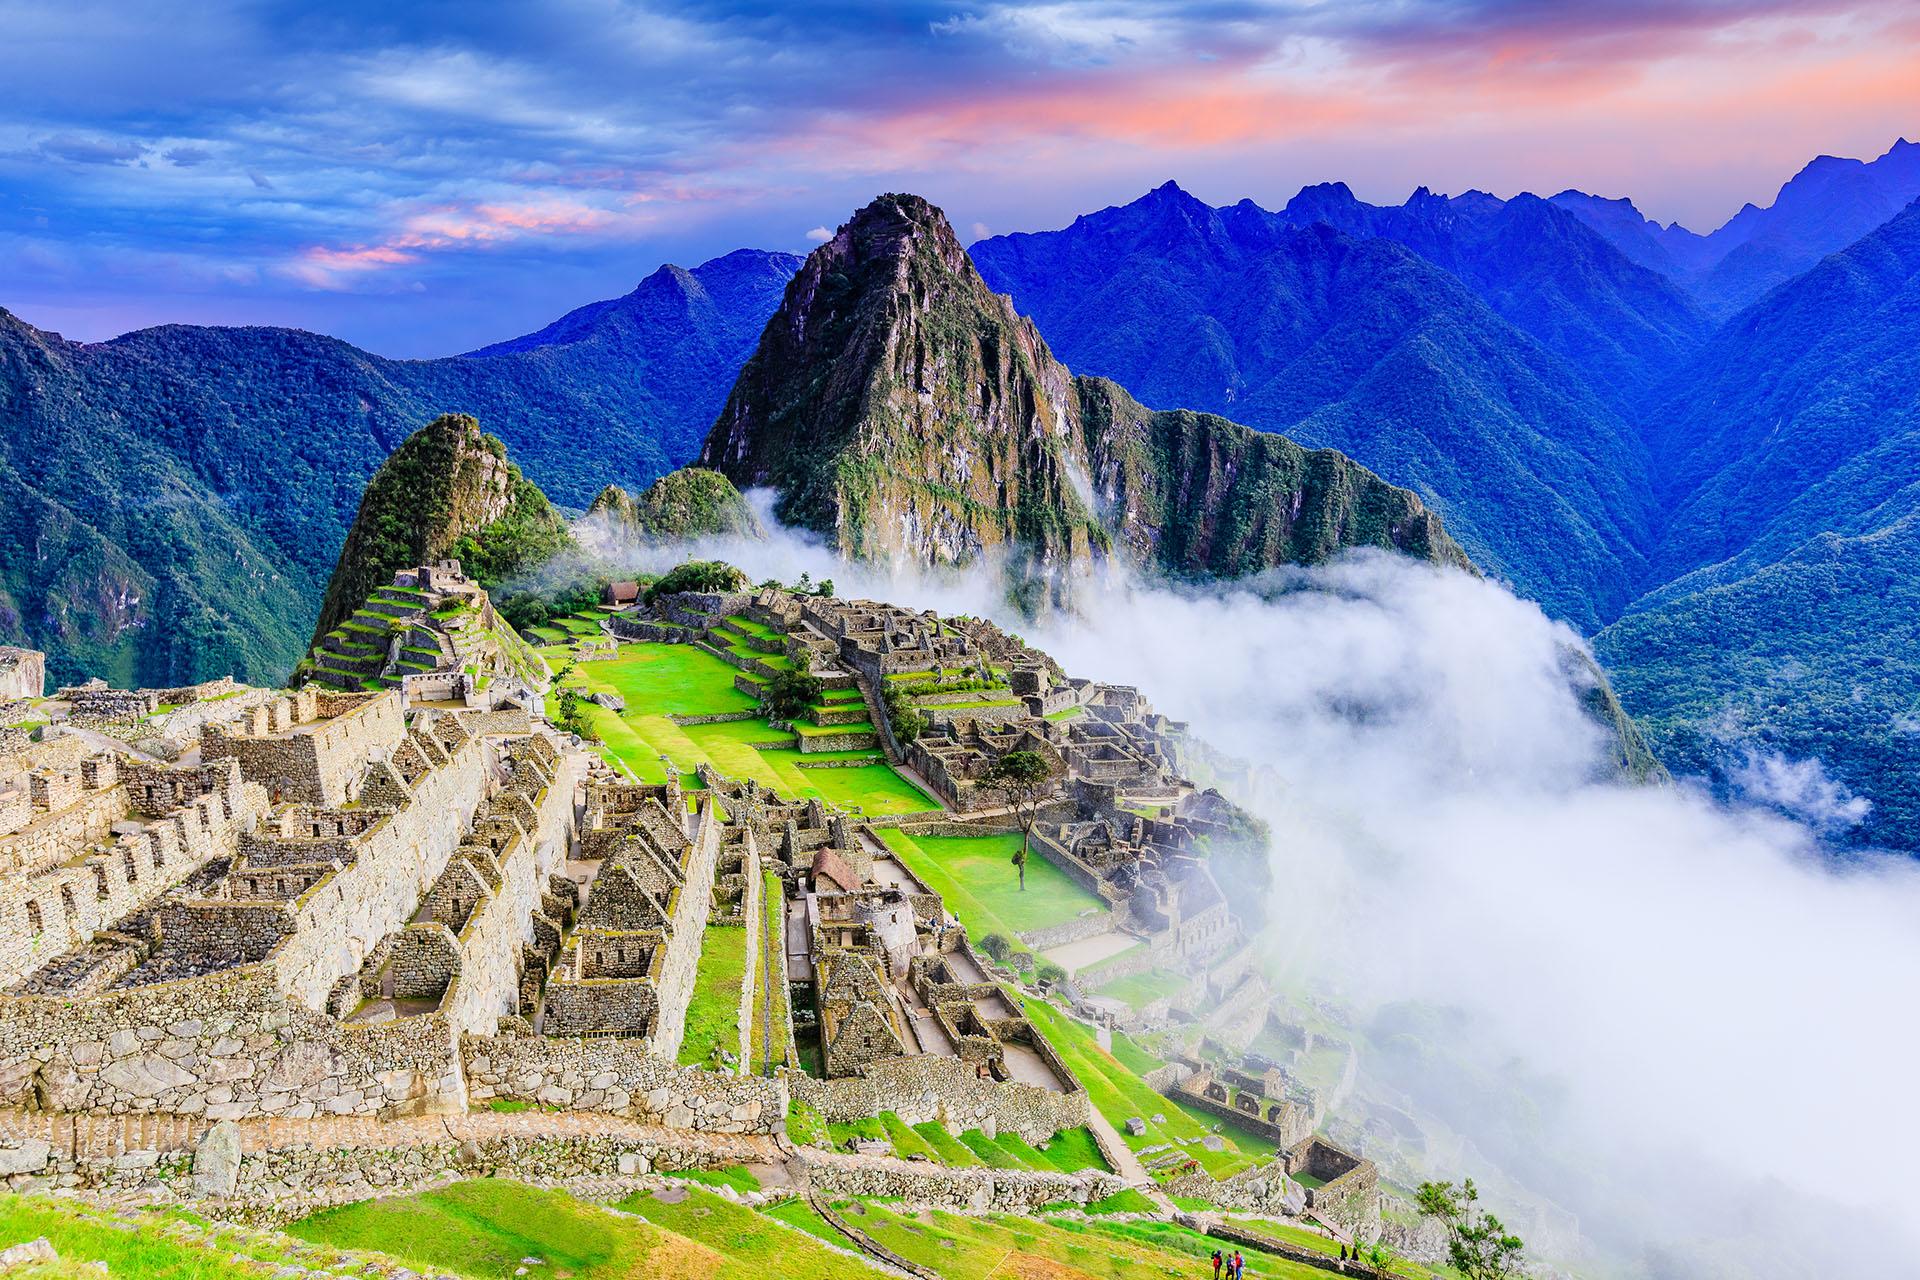 """Es Patrimonio de la Humanidad y un imperdible de Perú es el Machu Picchu. Se puede llegar fácilmente desde la ciudad para un viaje de un día en tren o automóvil. En el idioma quechua, Machu significa """"viejo"""" o """"anciano"""", mientras que Picchu significa """"pico; montaña o prominencia con una amplia base que termina en puntas agudas"""""""